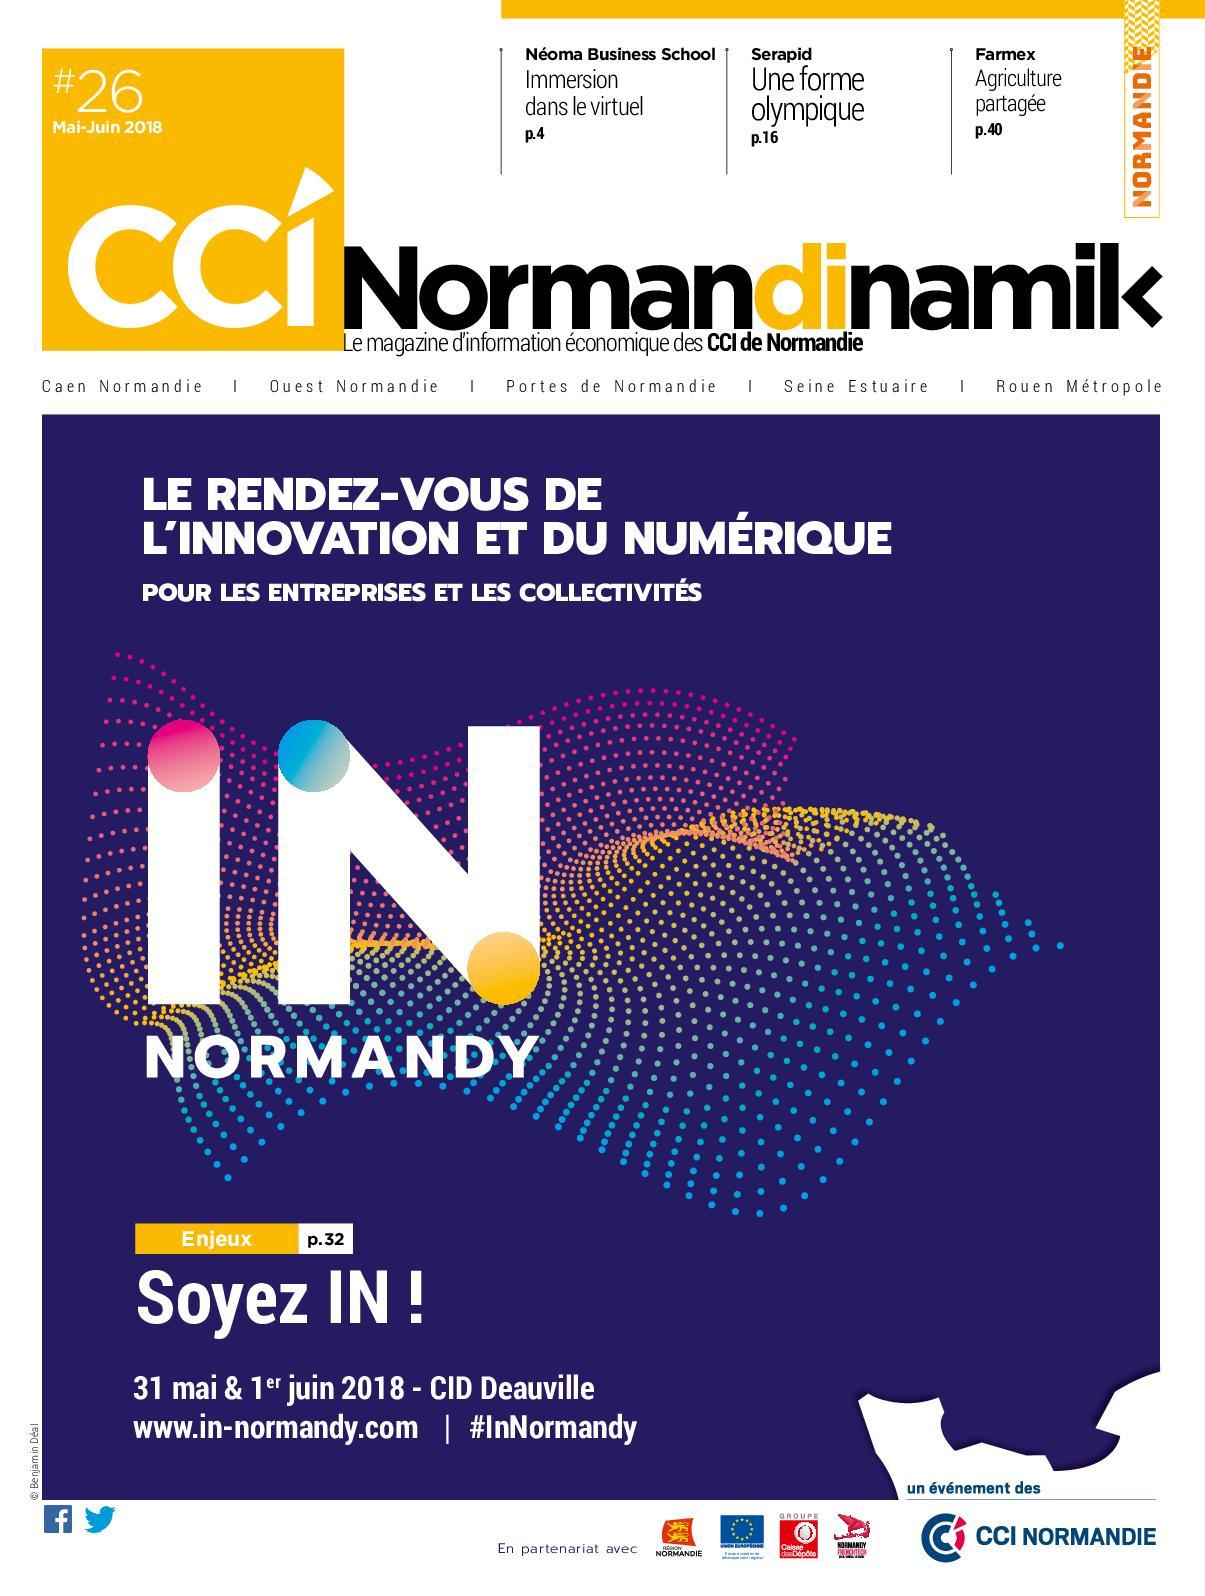 aae3b7295f5d Calaméo - Normandinamik n°26 Mai Juin 2018